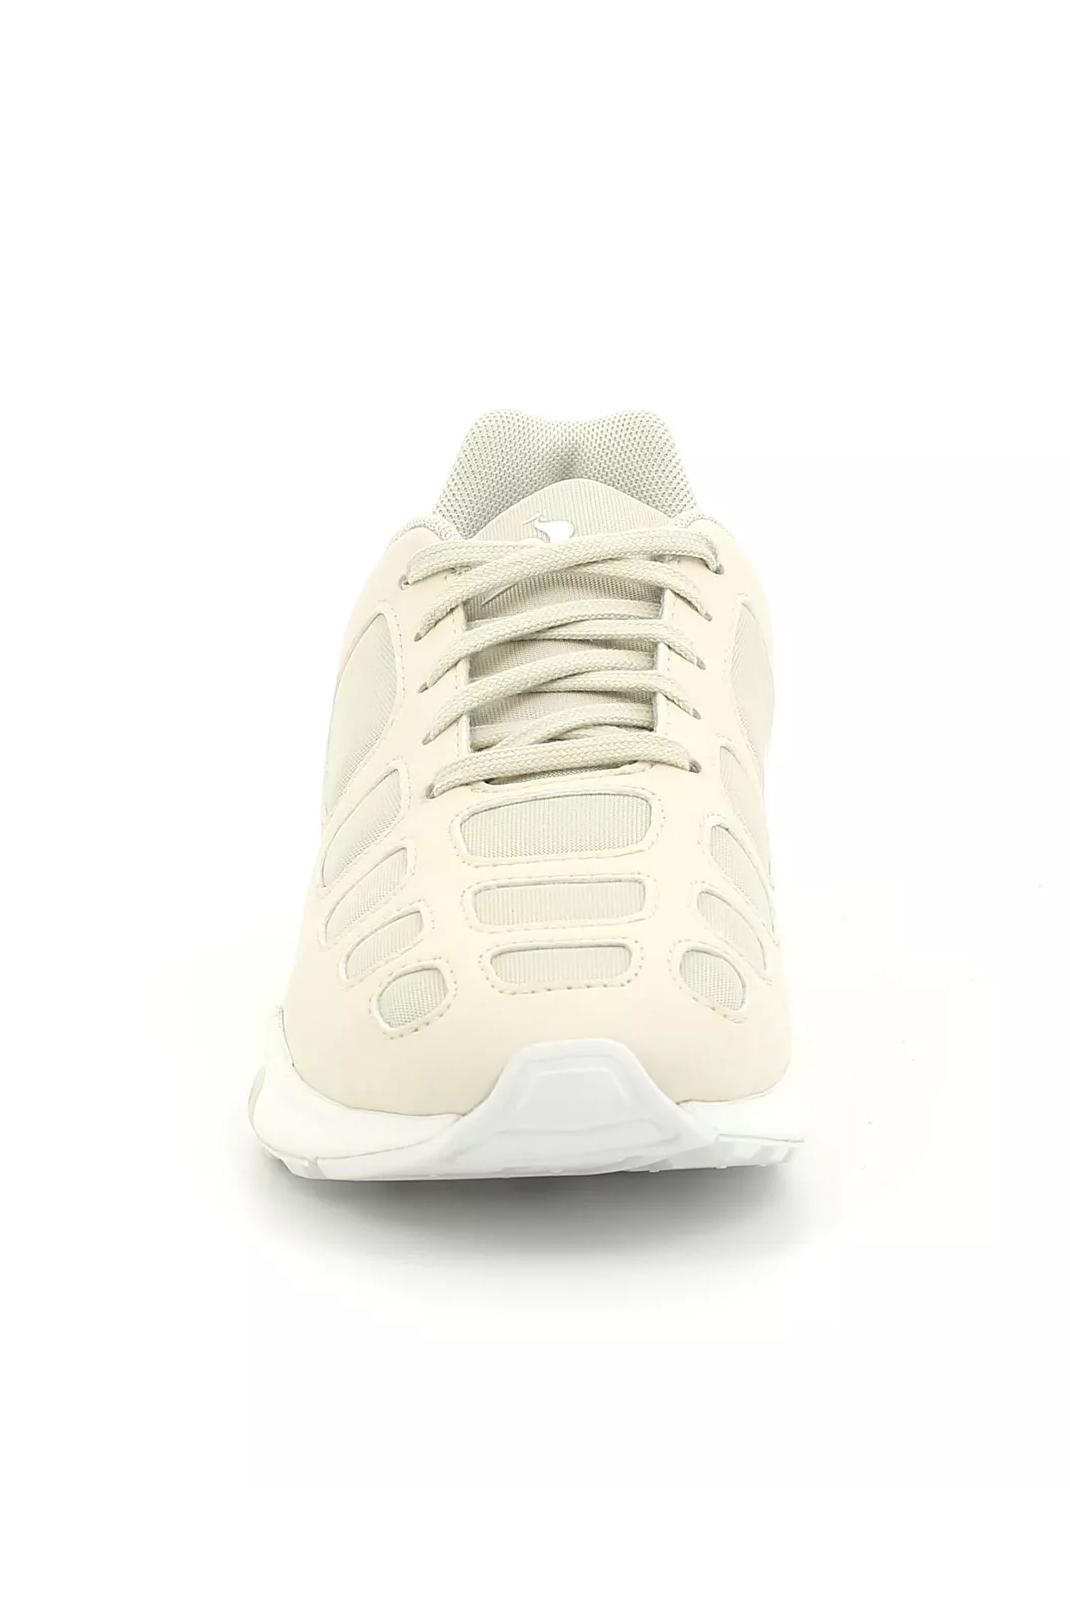 Baskets / Sneakers  Le coq sportif 1910511 ZEPP W SPORT TURTLE DOVE